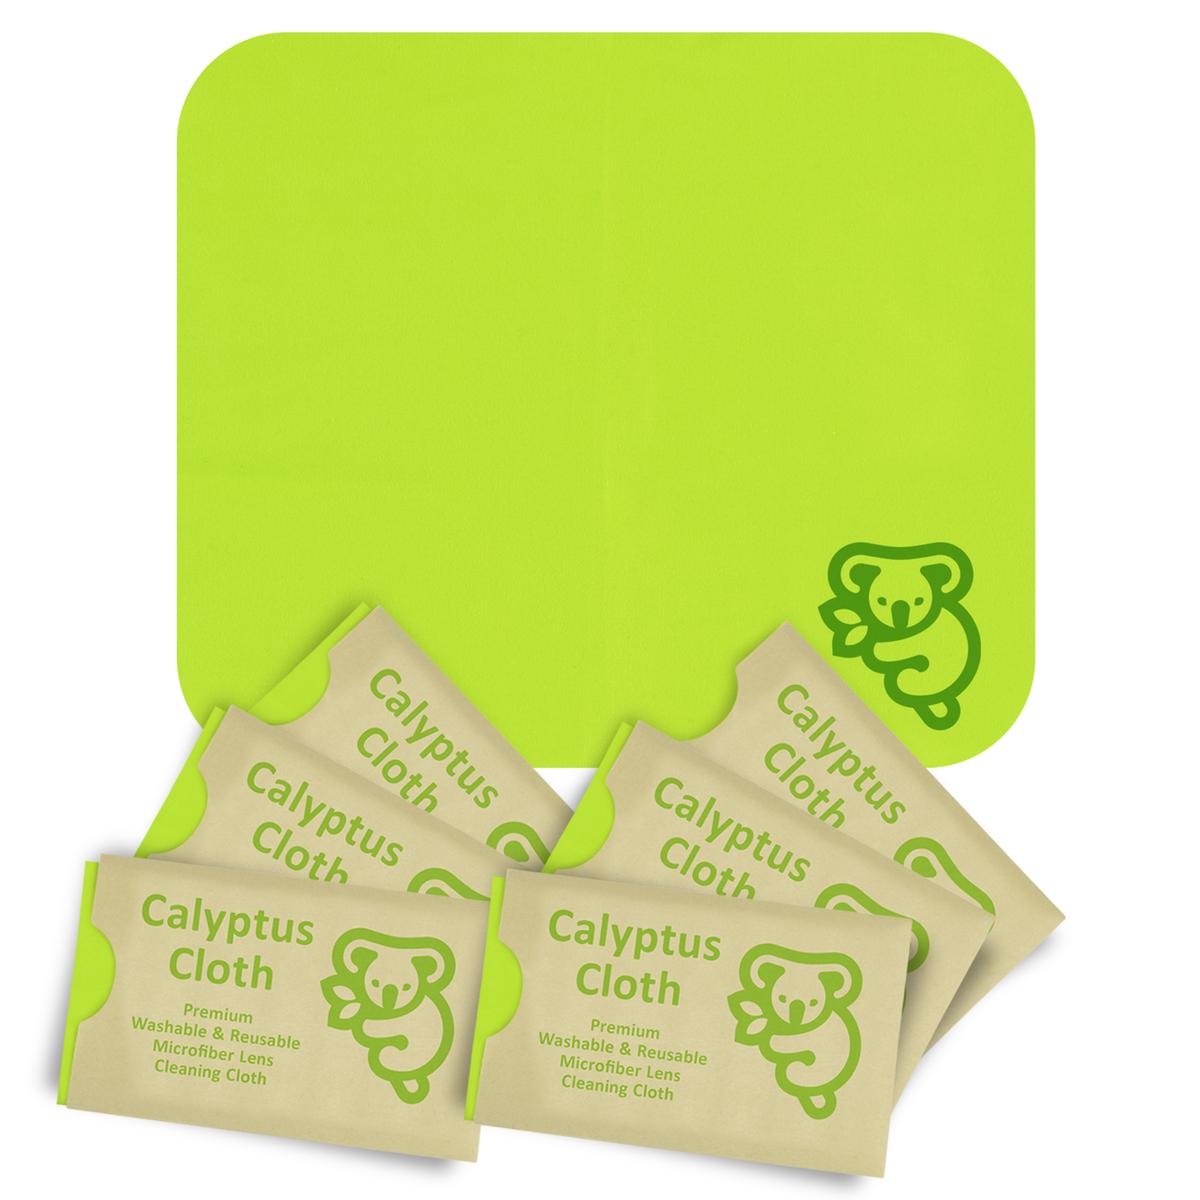 Calyptus E-Wipes + Calyptus Cloth New Colors Photos